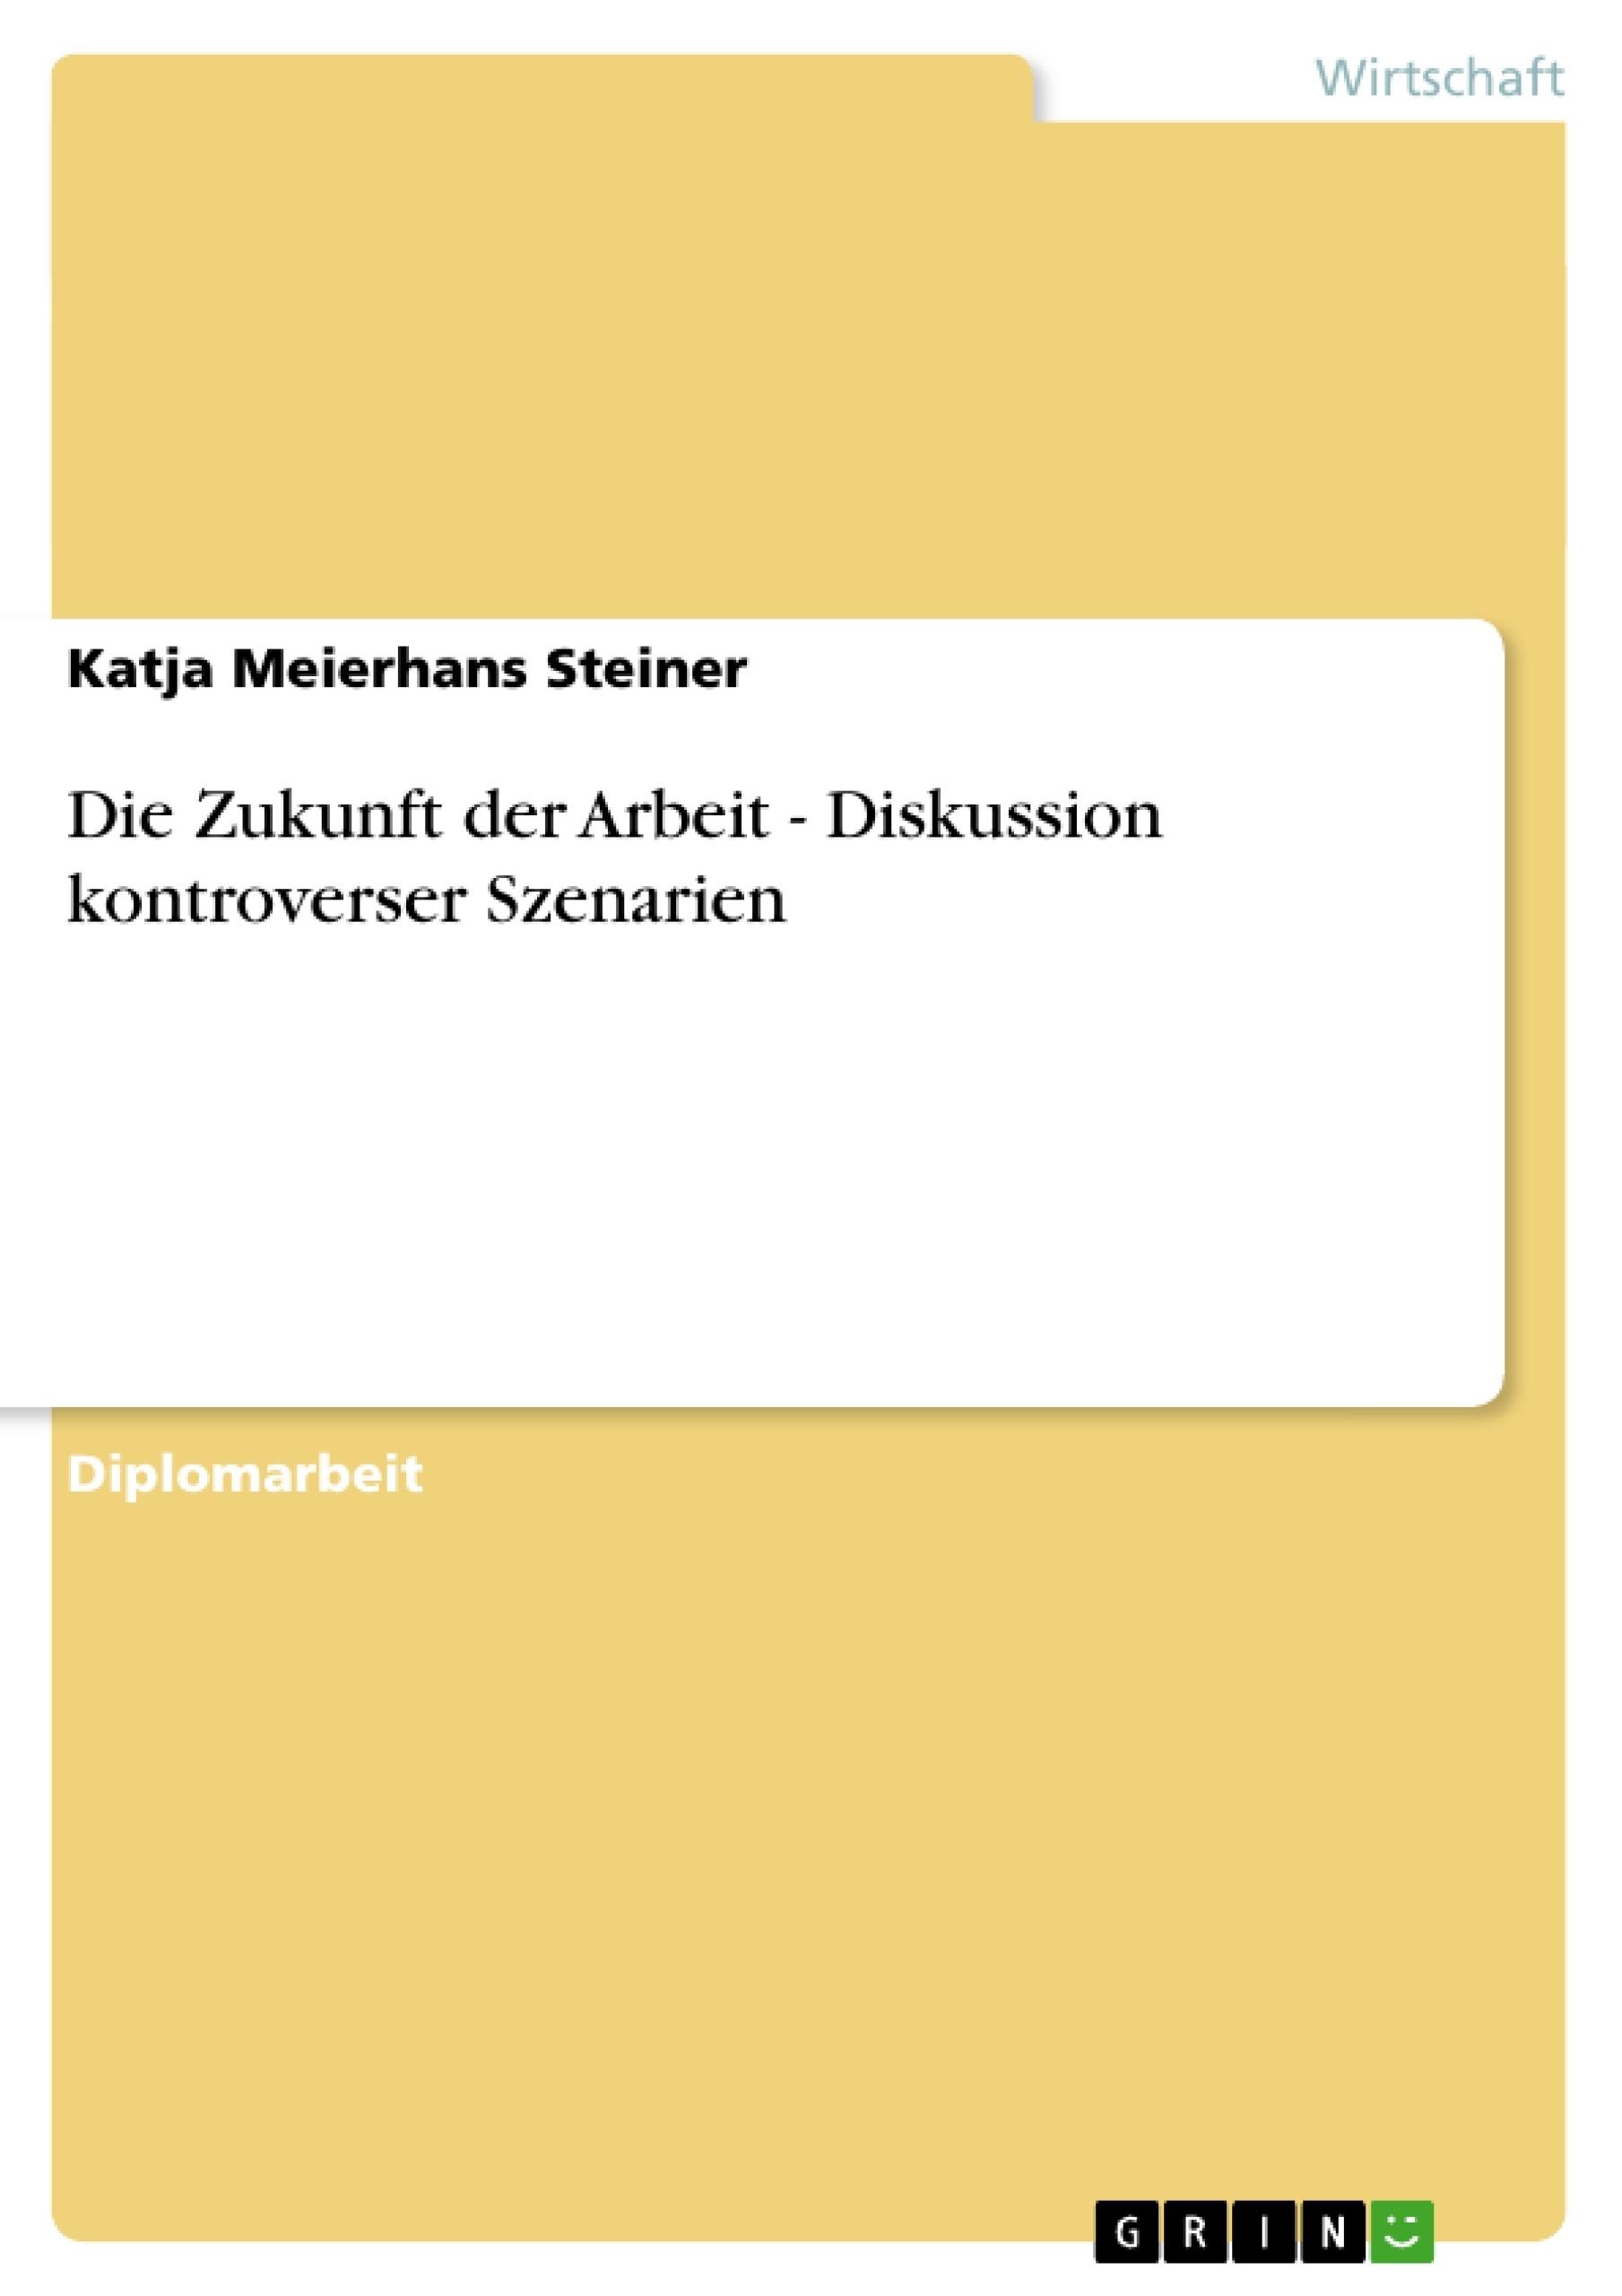 Titel: Die Zukunft der Arbeit - Diskussion kontroverser Szenarien